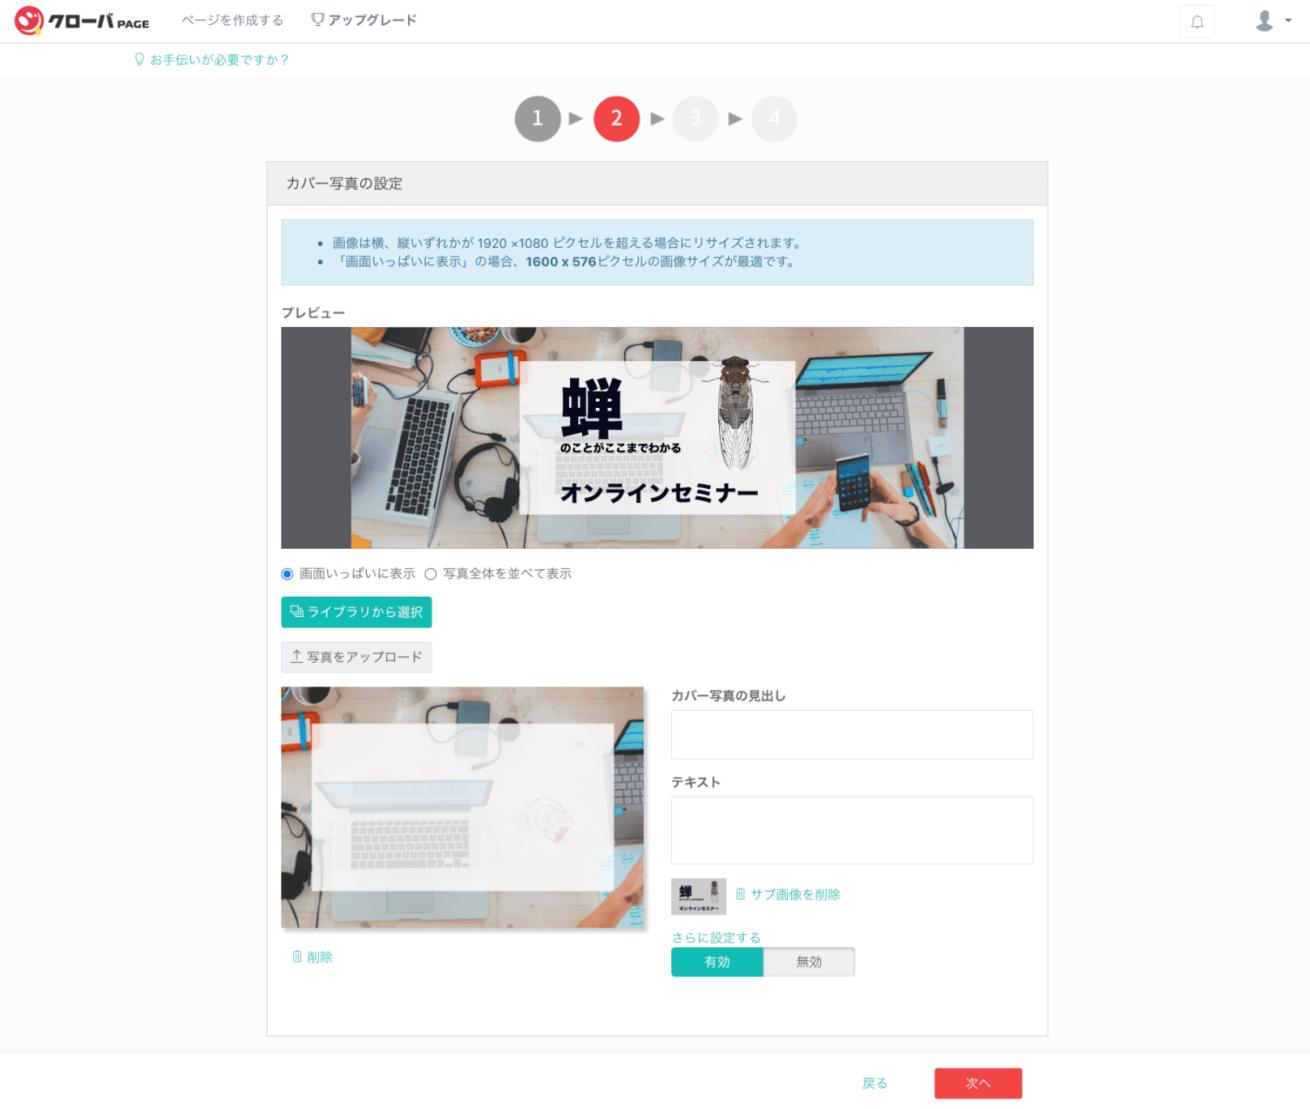 オンラインセミナーのテンプレート画面